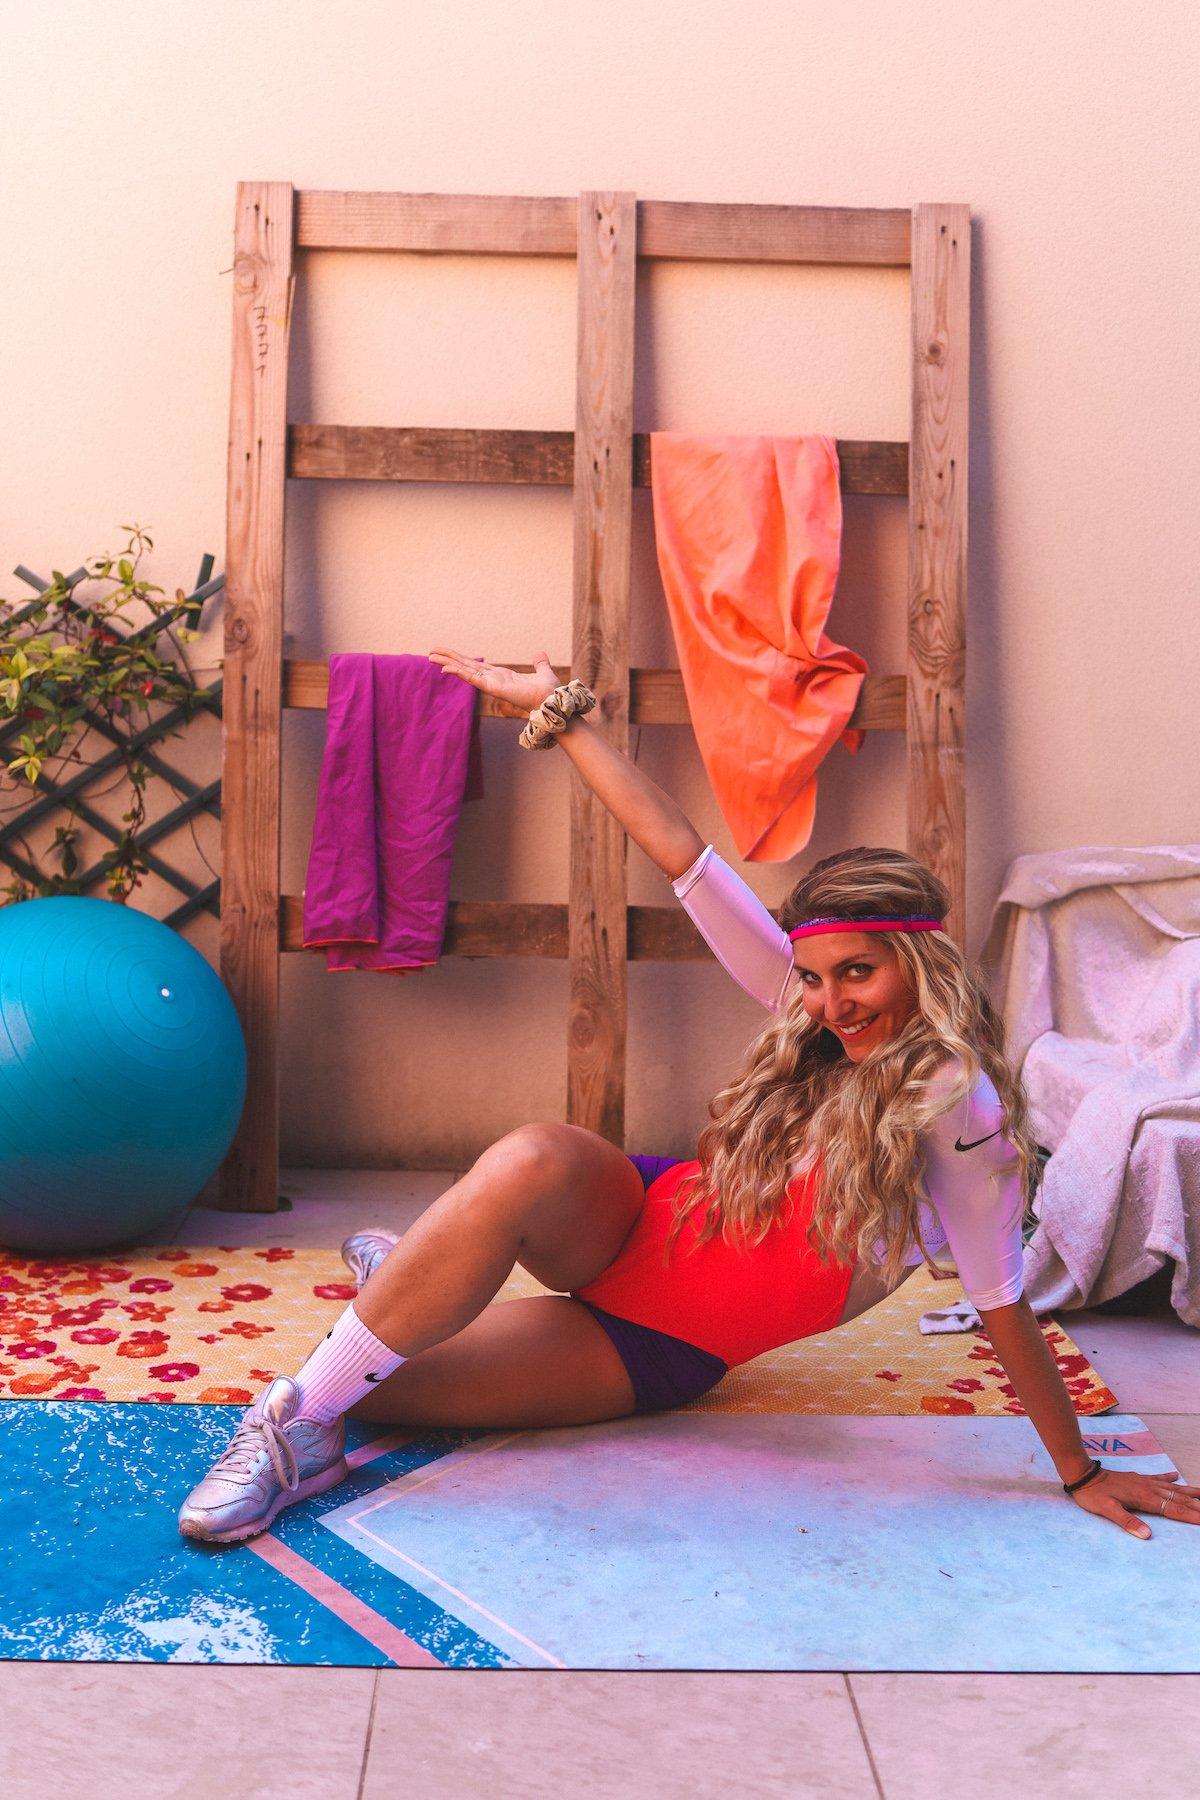 Challenge Fitness à la maison 2: #DubndiduRetro Tout le corps Années 80